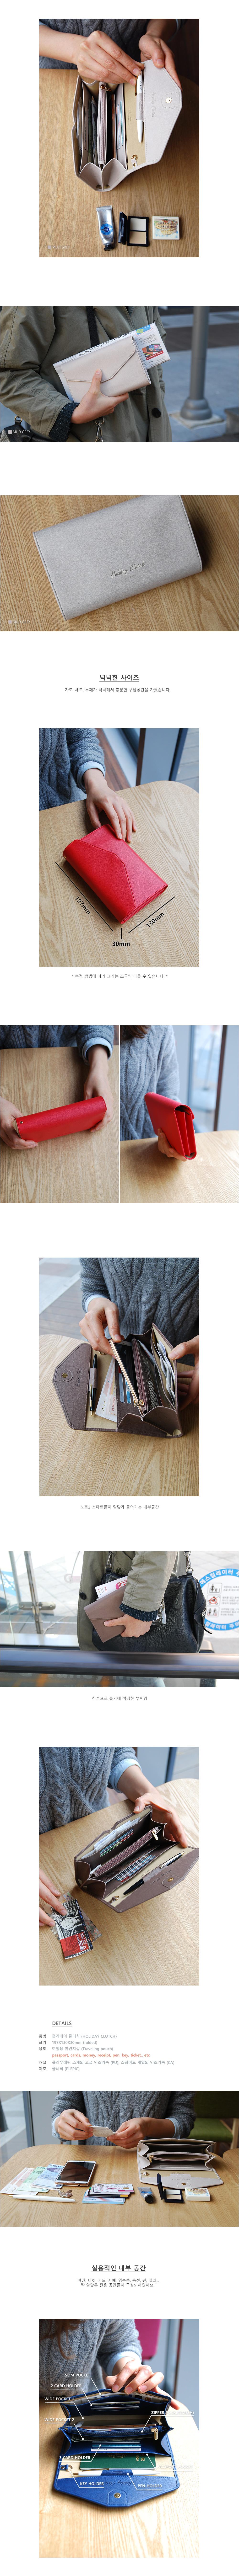 Holiday Clutch - 플레픽, 31,840원, 여성지갑, 장/중지갑